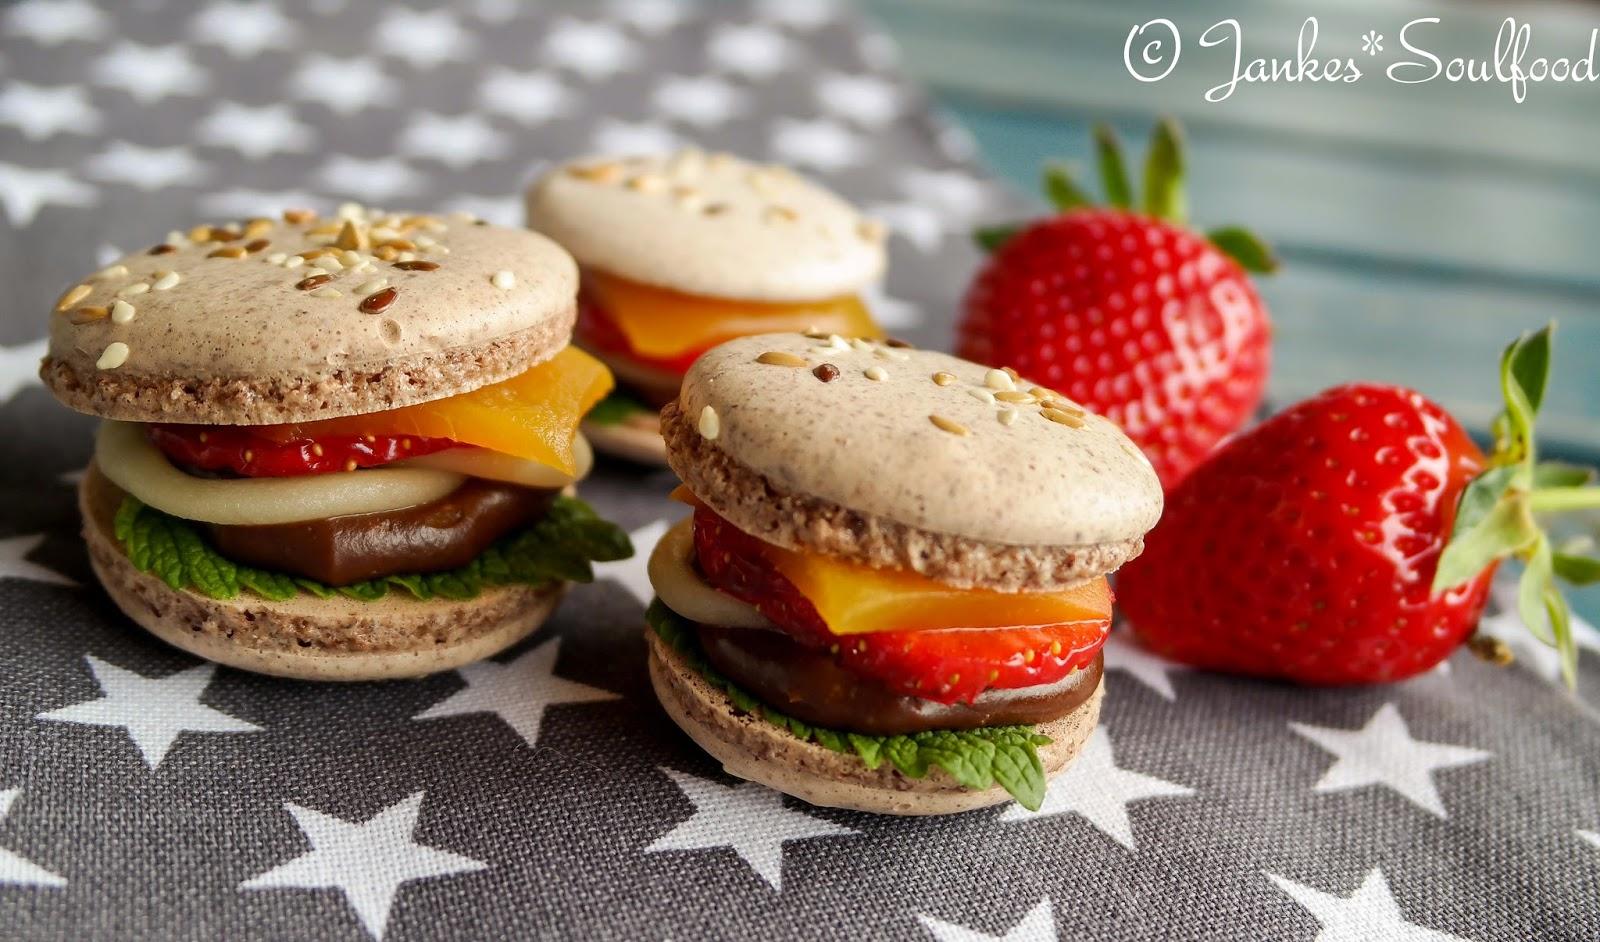 Burger+macarons+ +jankes+soulfood+(1+von+1) 2